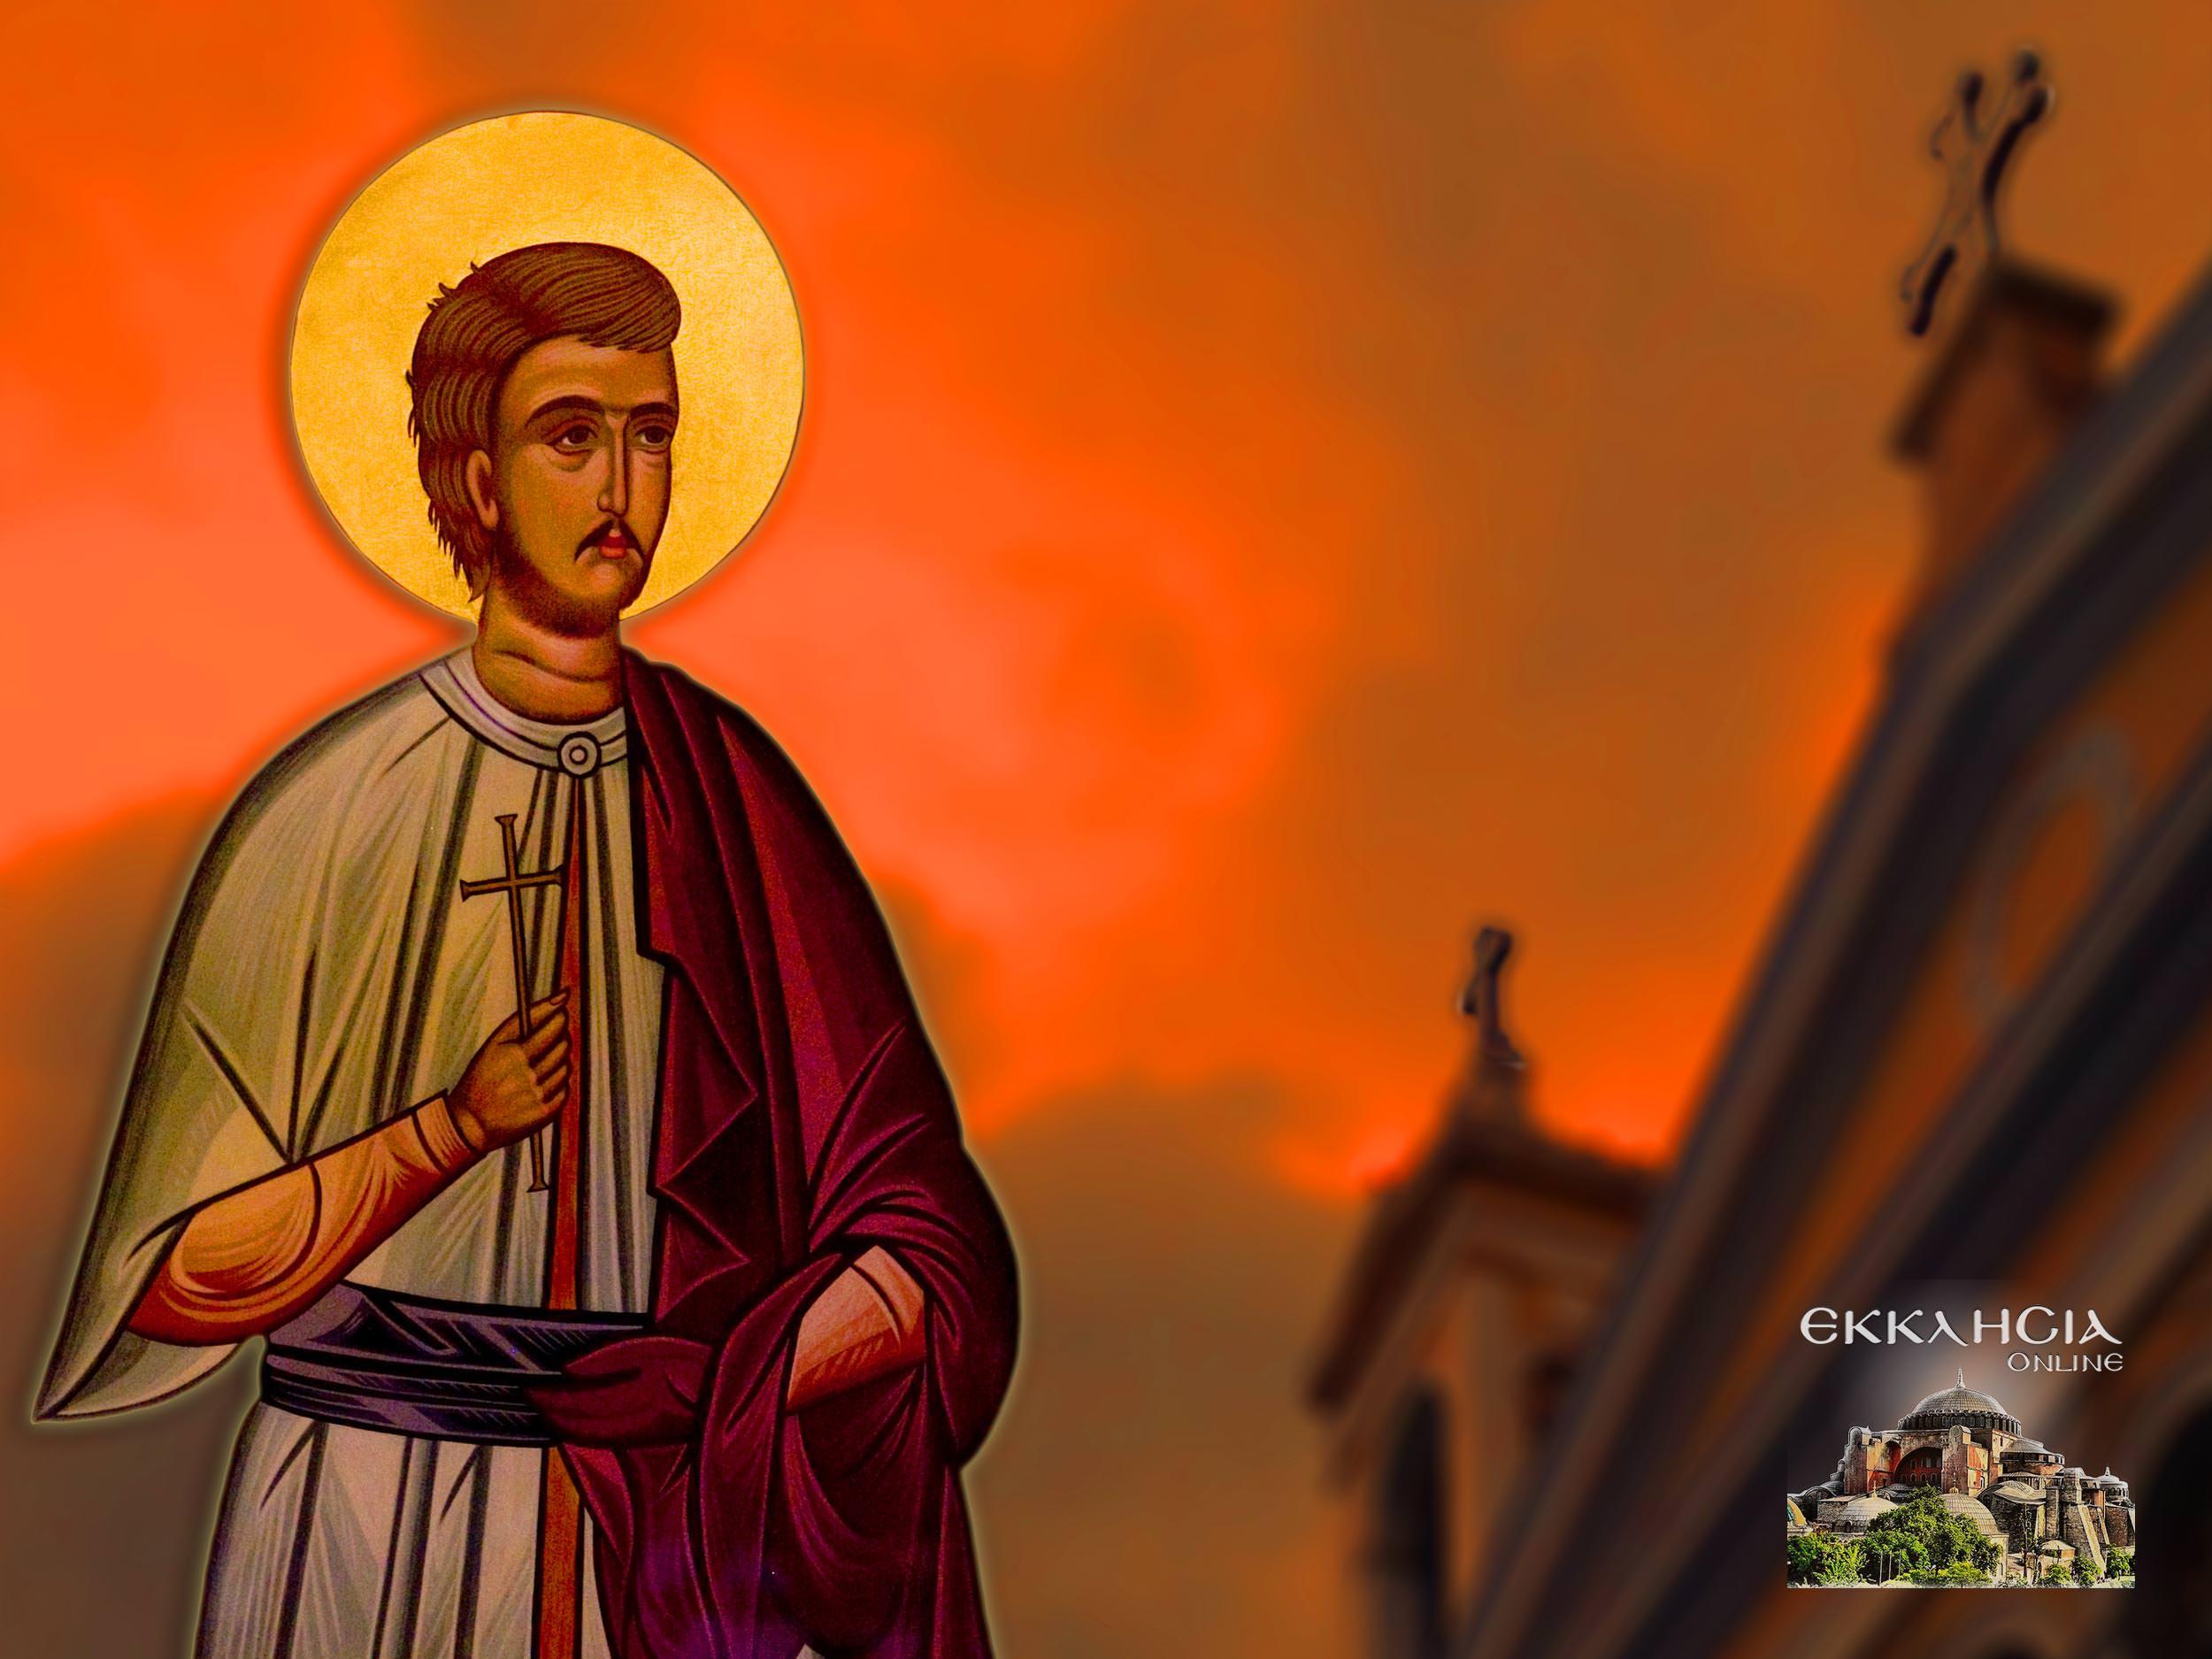 Άγιος Μιχαήλ Πακνανάς 9 Ιουλίου